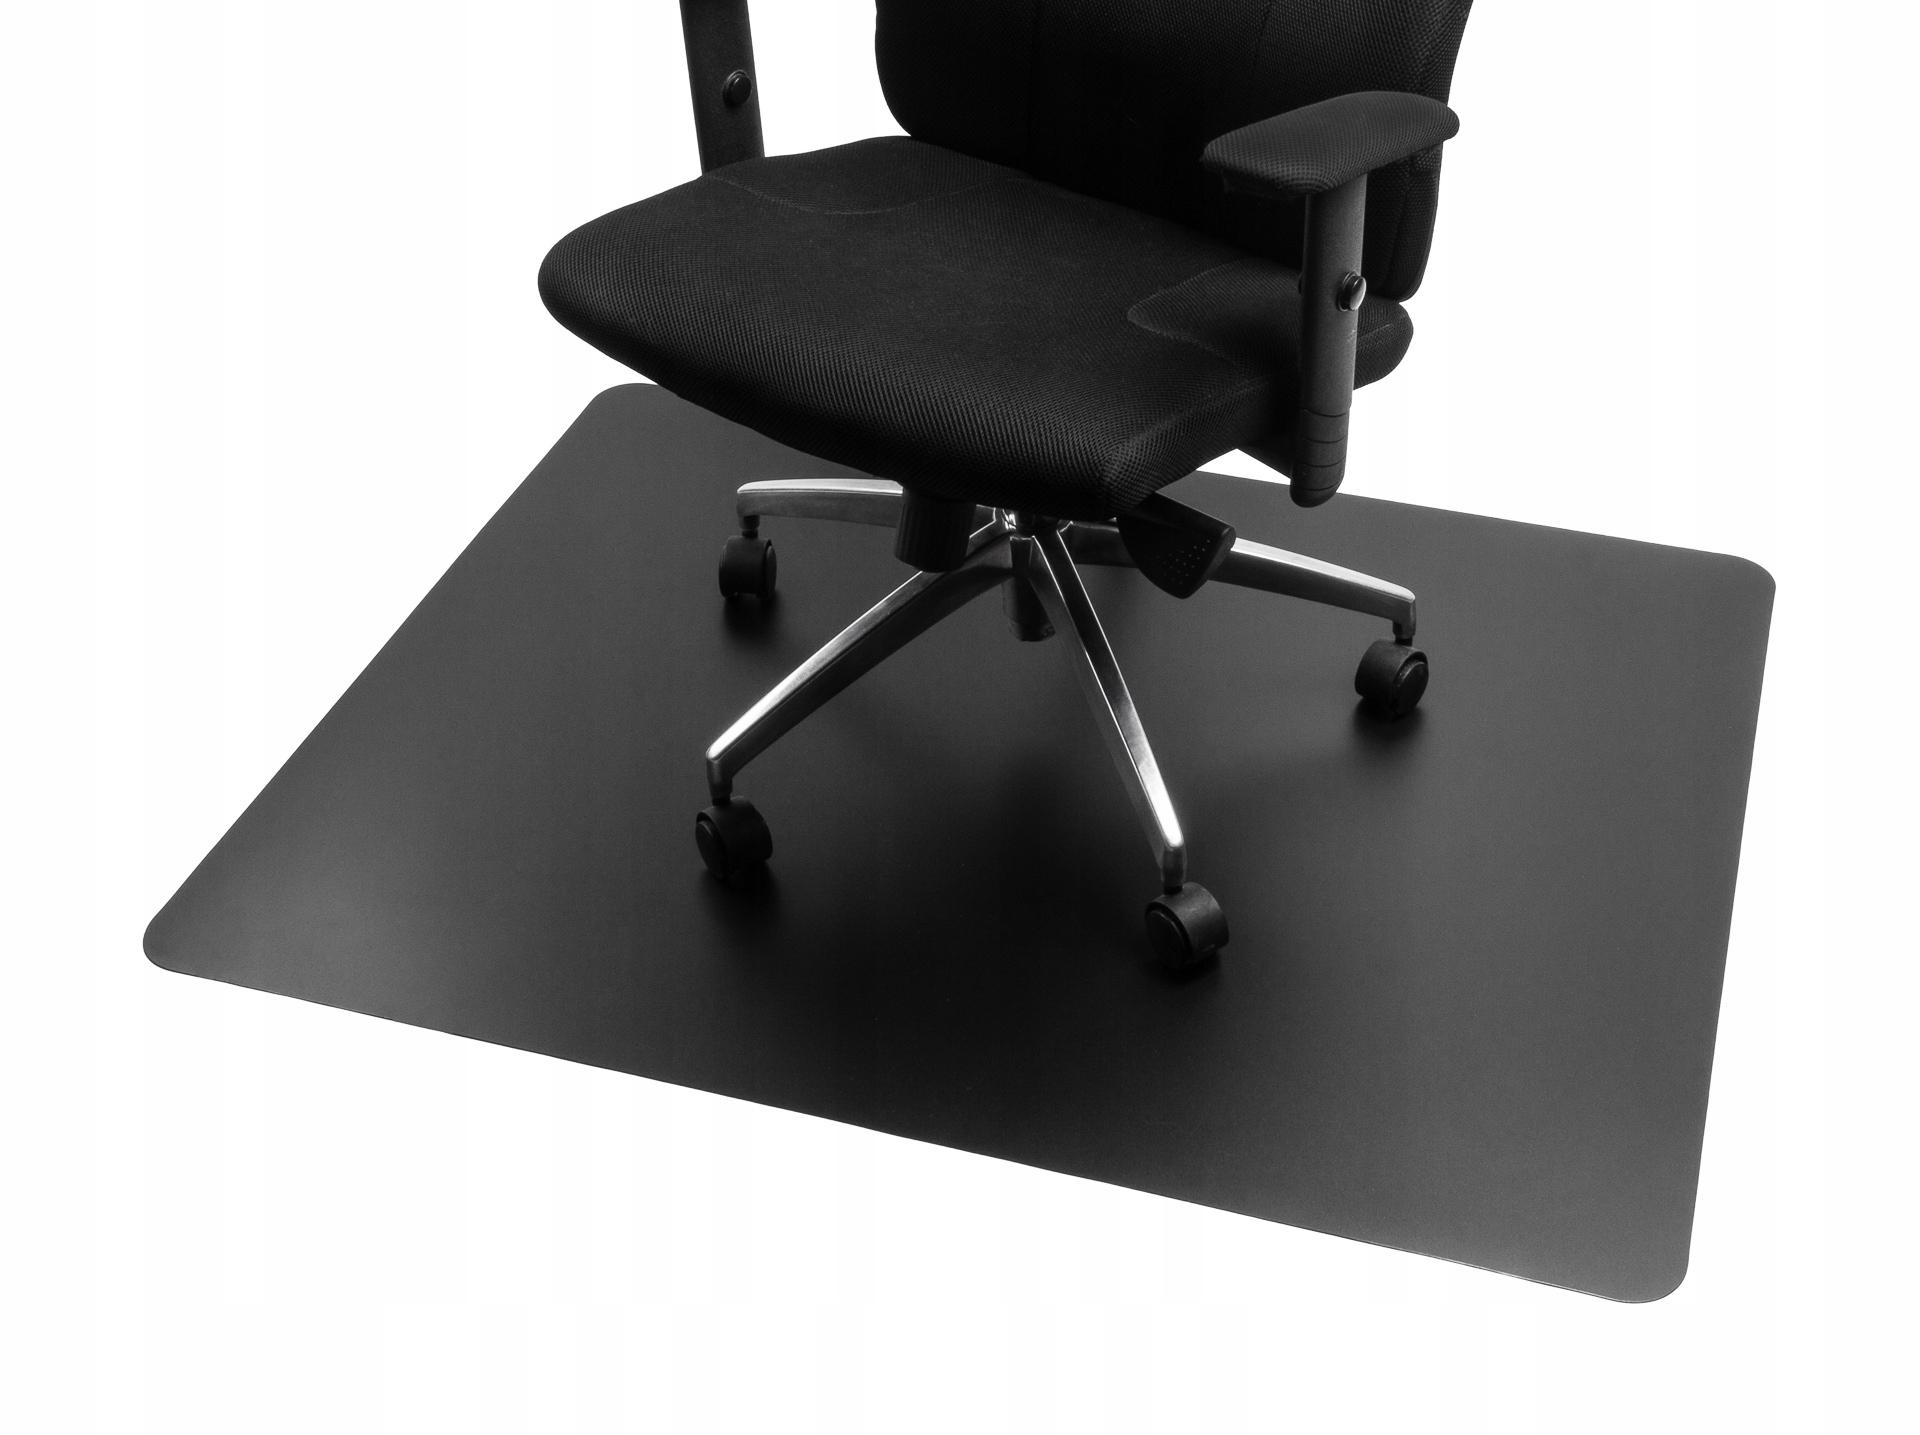 мат защитный черный под кресло кресло 120x100 cm